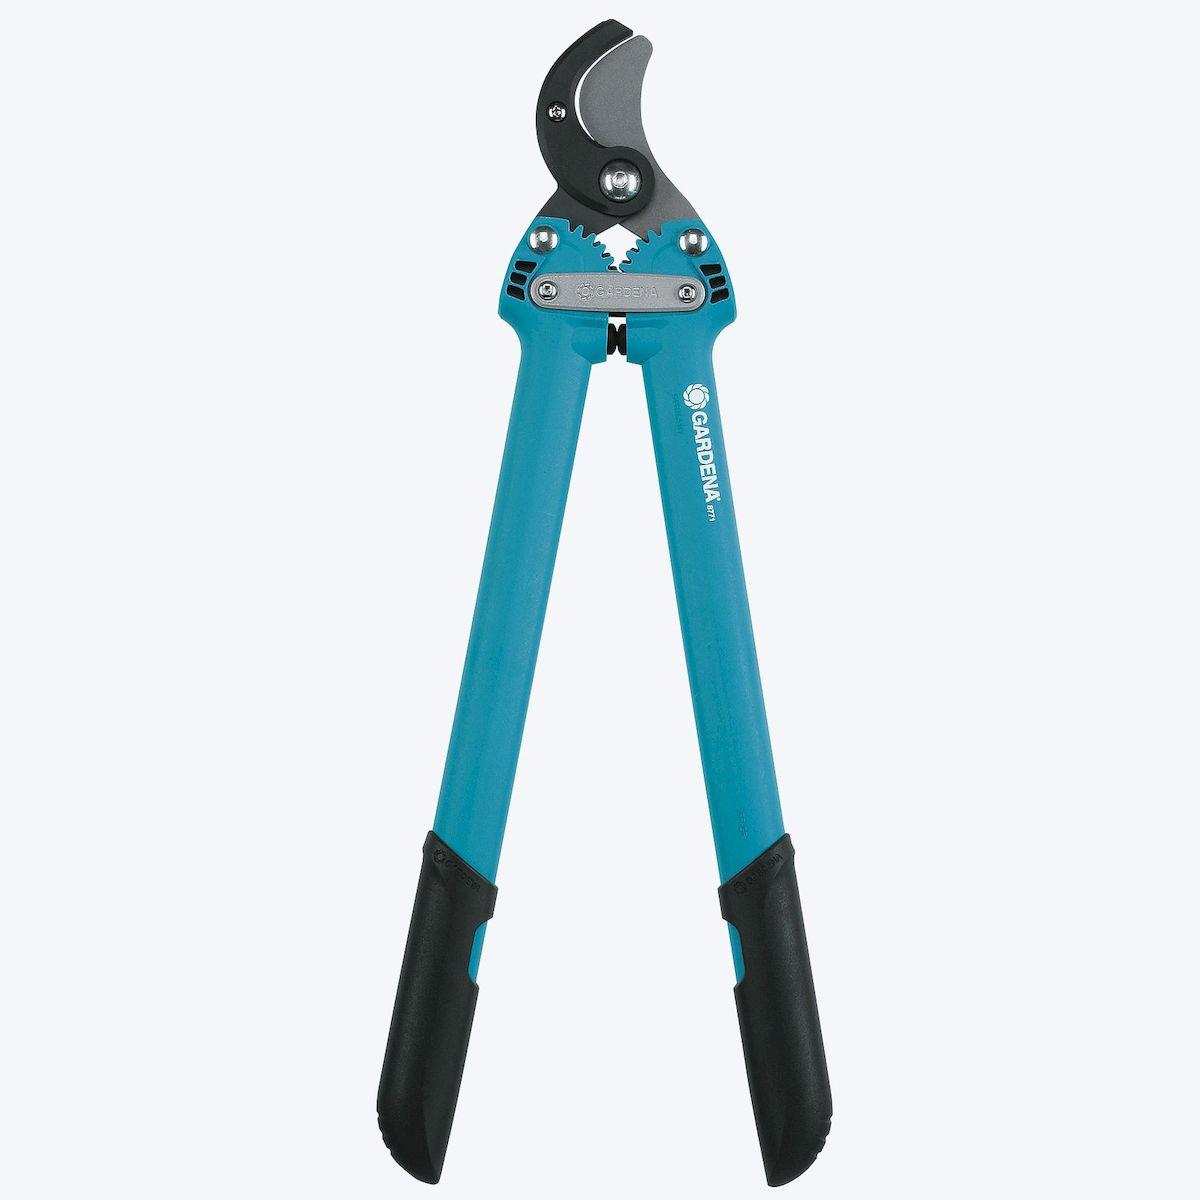 Сучкорез Gardena 500 AL ComfortBH0119-RСучкорез Gardena 500 AL Comfort представляет собой ультралегкий, простой в использовании и мощный инструмент. Он хорошо подходит для обрезки жестких сухих веток диаметром до 35 мм. Запатентованная зубчатая передача увеличивает мощность реза на 38%. Лезвие прецизионной заточки с покрытием от налипания и новая геометрия реза обеспечивают экстраординарно чистую и мягкую обрезку веток. Имеется практичная возможность замены наковаленки. Особо легкие эргономичные ручки и рукоятки из пластика делают работу удобной и неутомительной. Двойные концевые ограничители снижают нагрузку на запястья. Длина сучкореза - 50 см;Вес - 600 г.